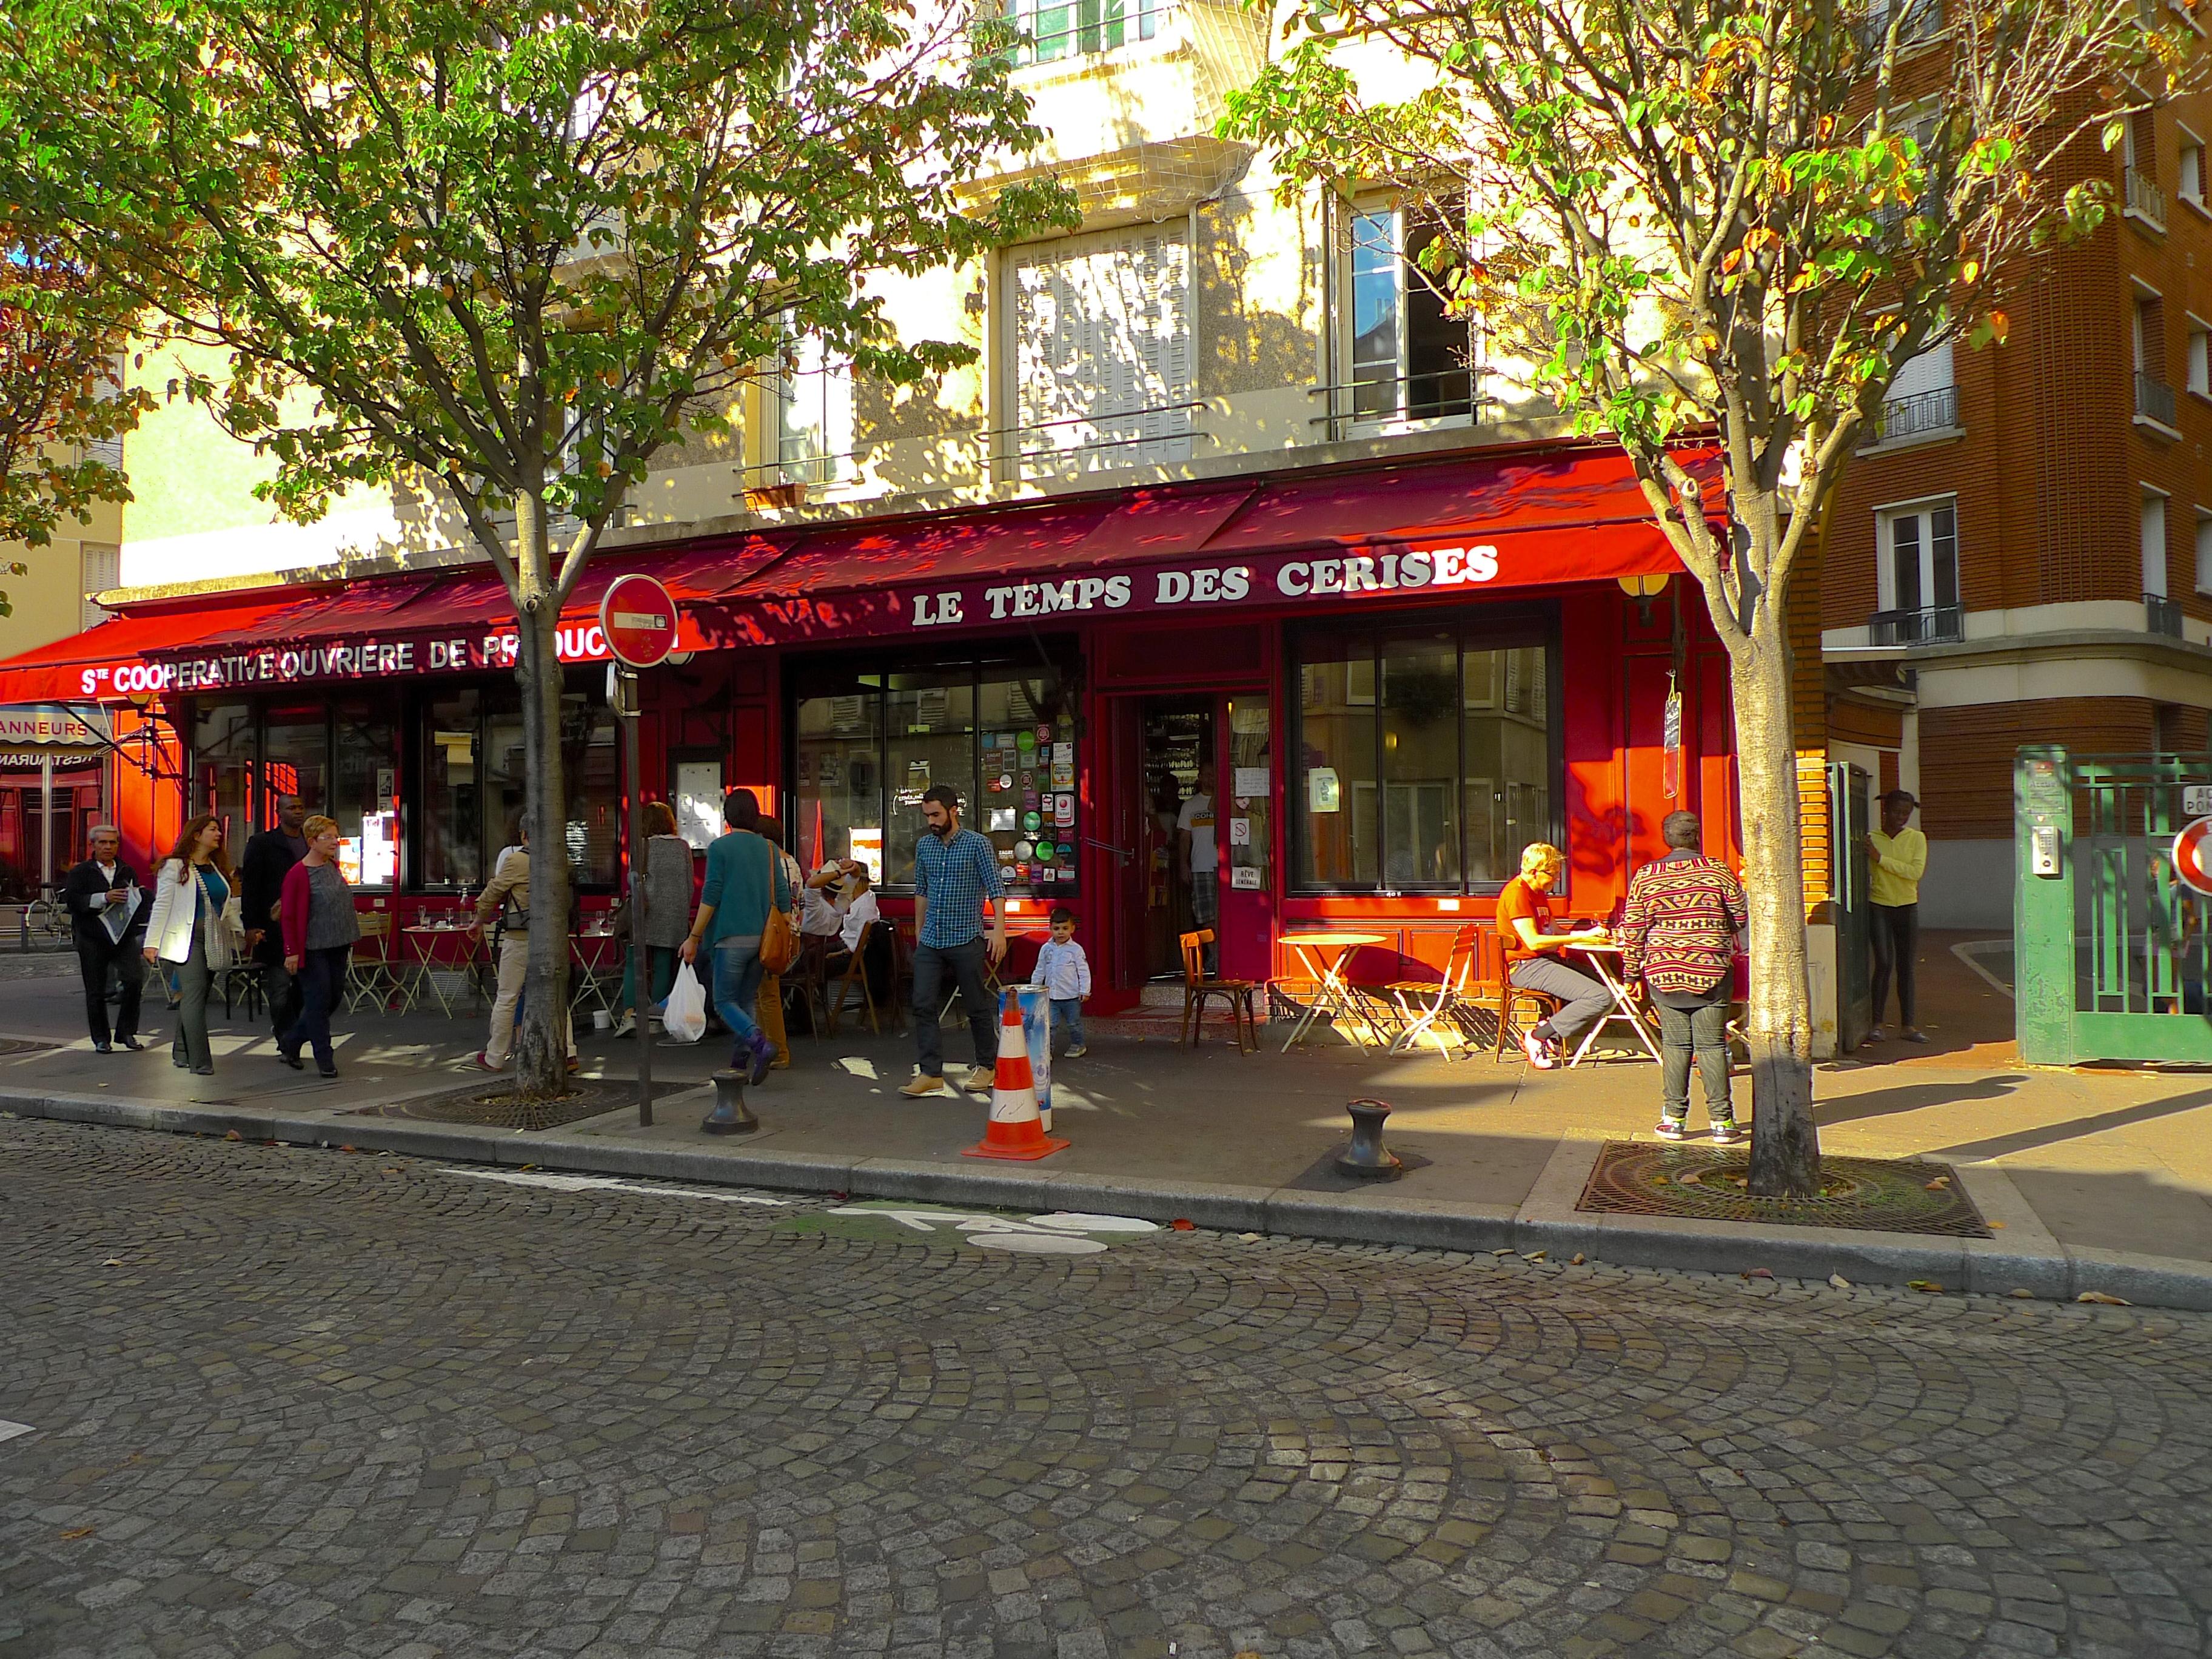 Rue de la butte aux cailles soundlandscapes 39 blog - Restaurant buttes aux cailles ...